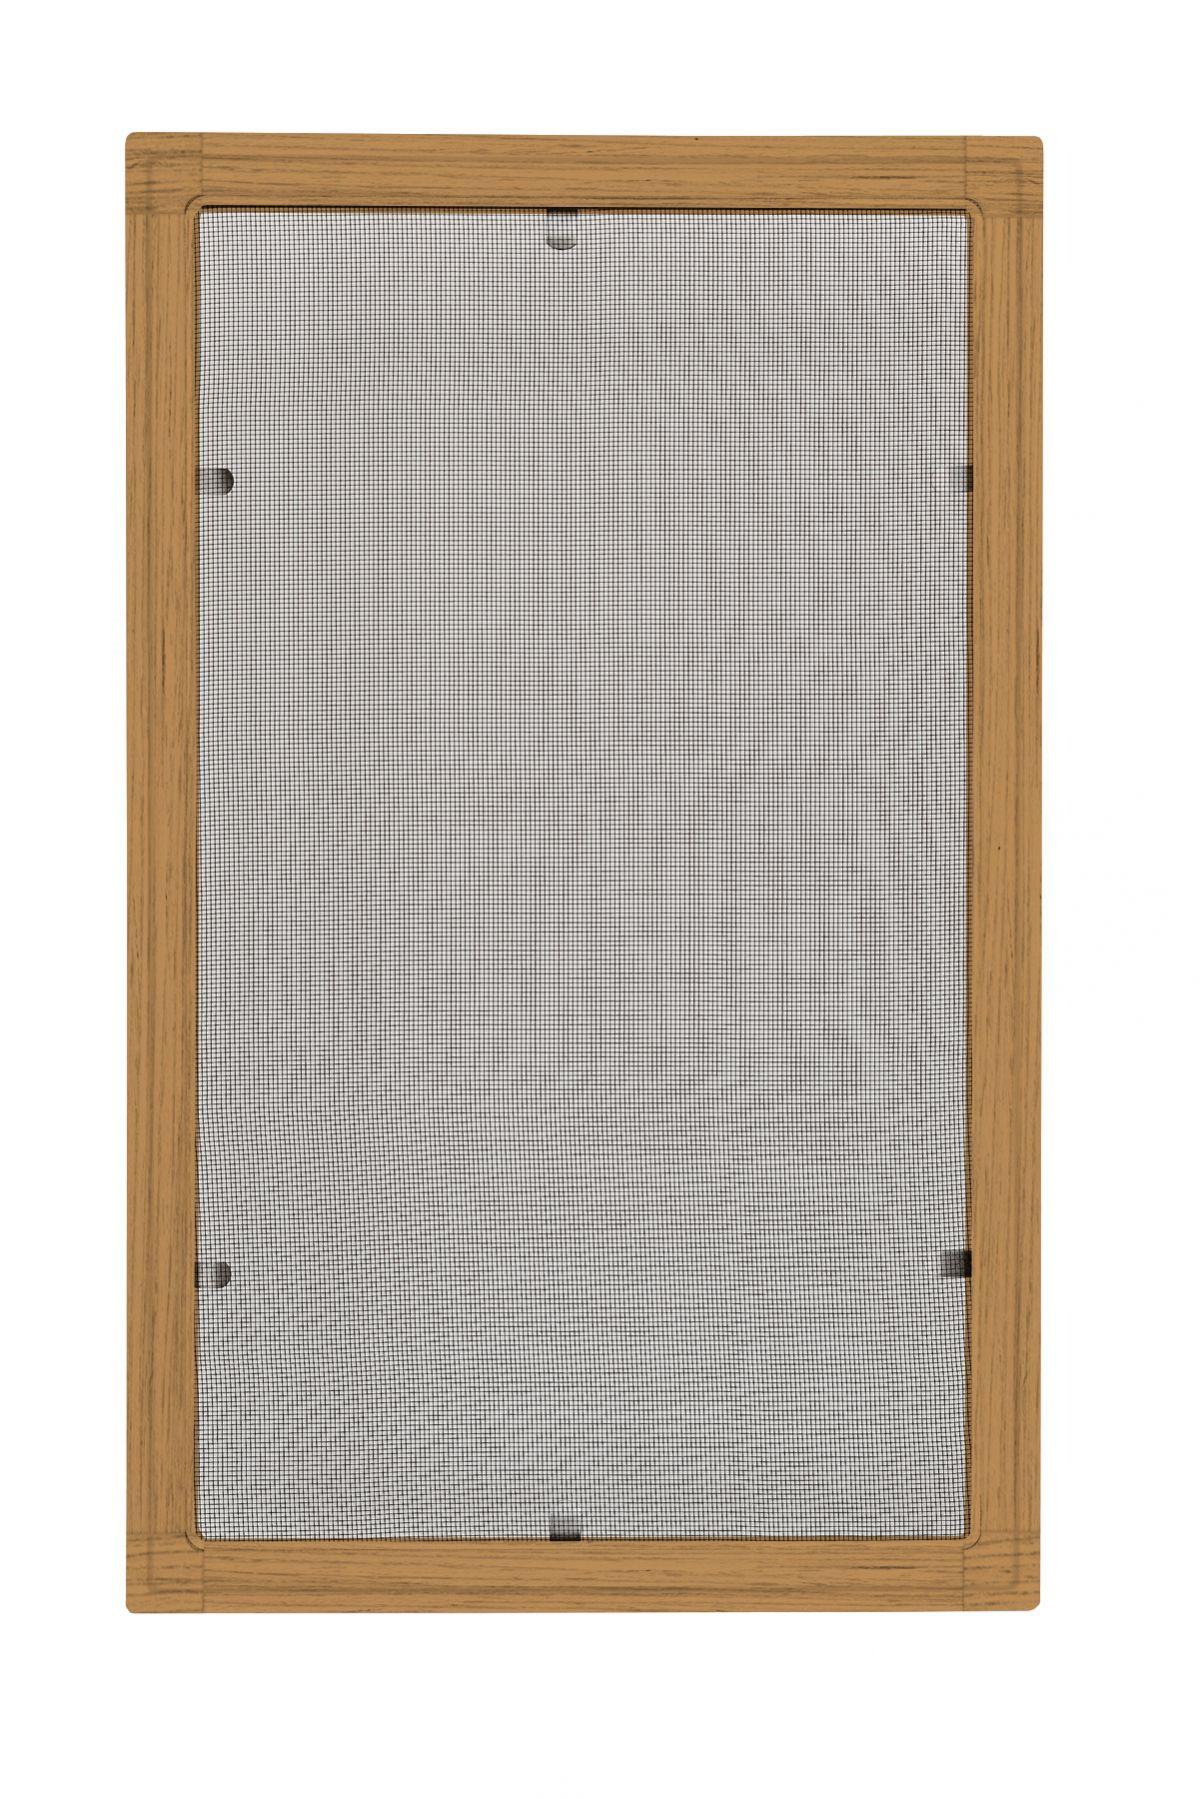 Moskitiery okienne Moskitiera ramkowa - winchester, siatka szara